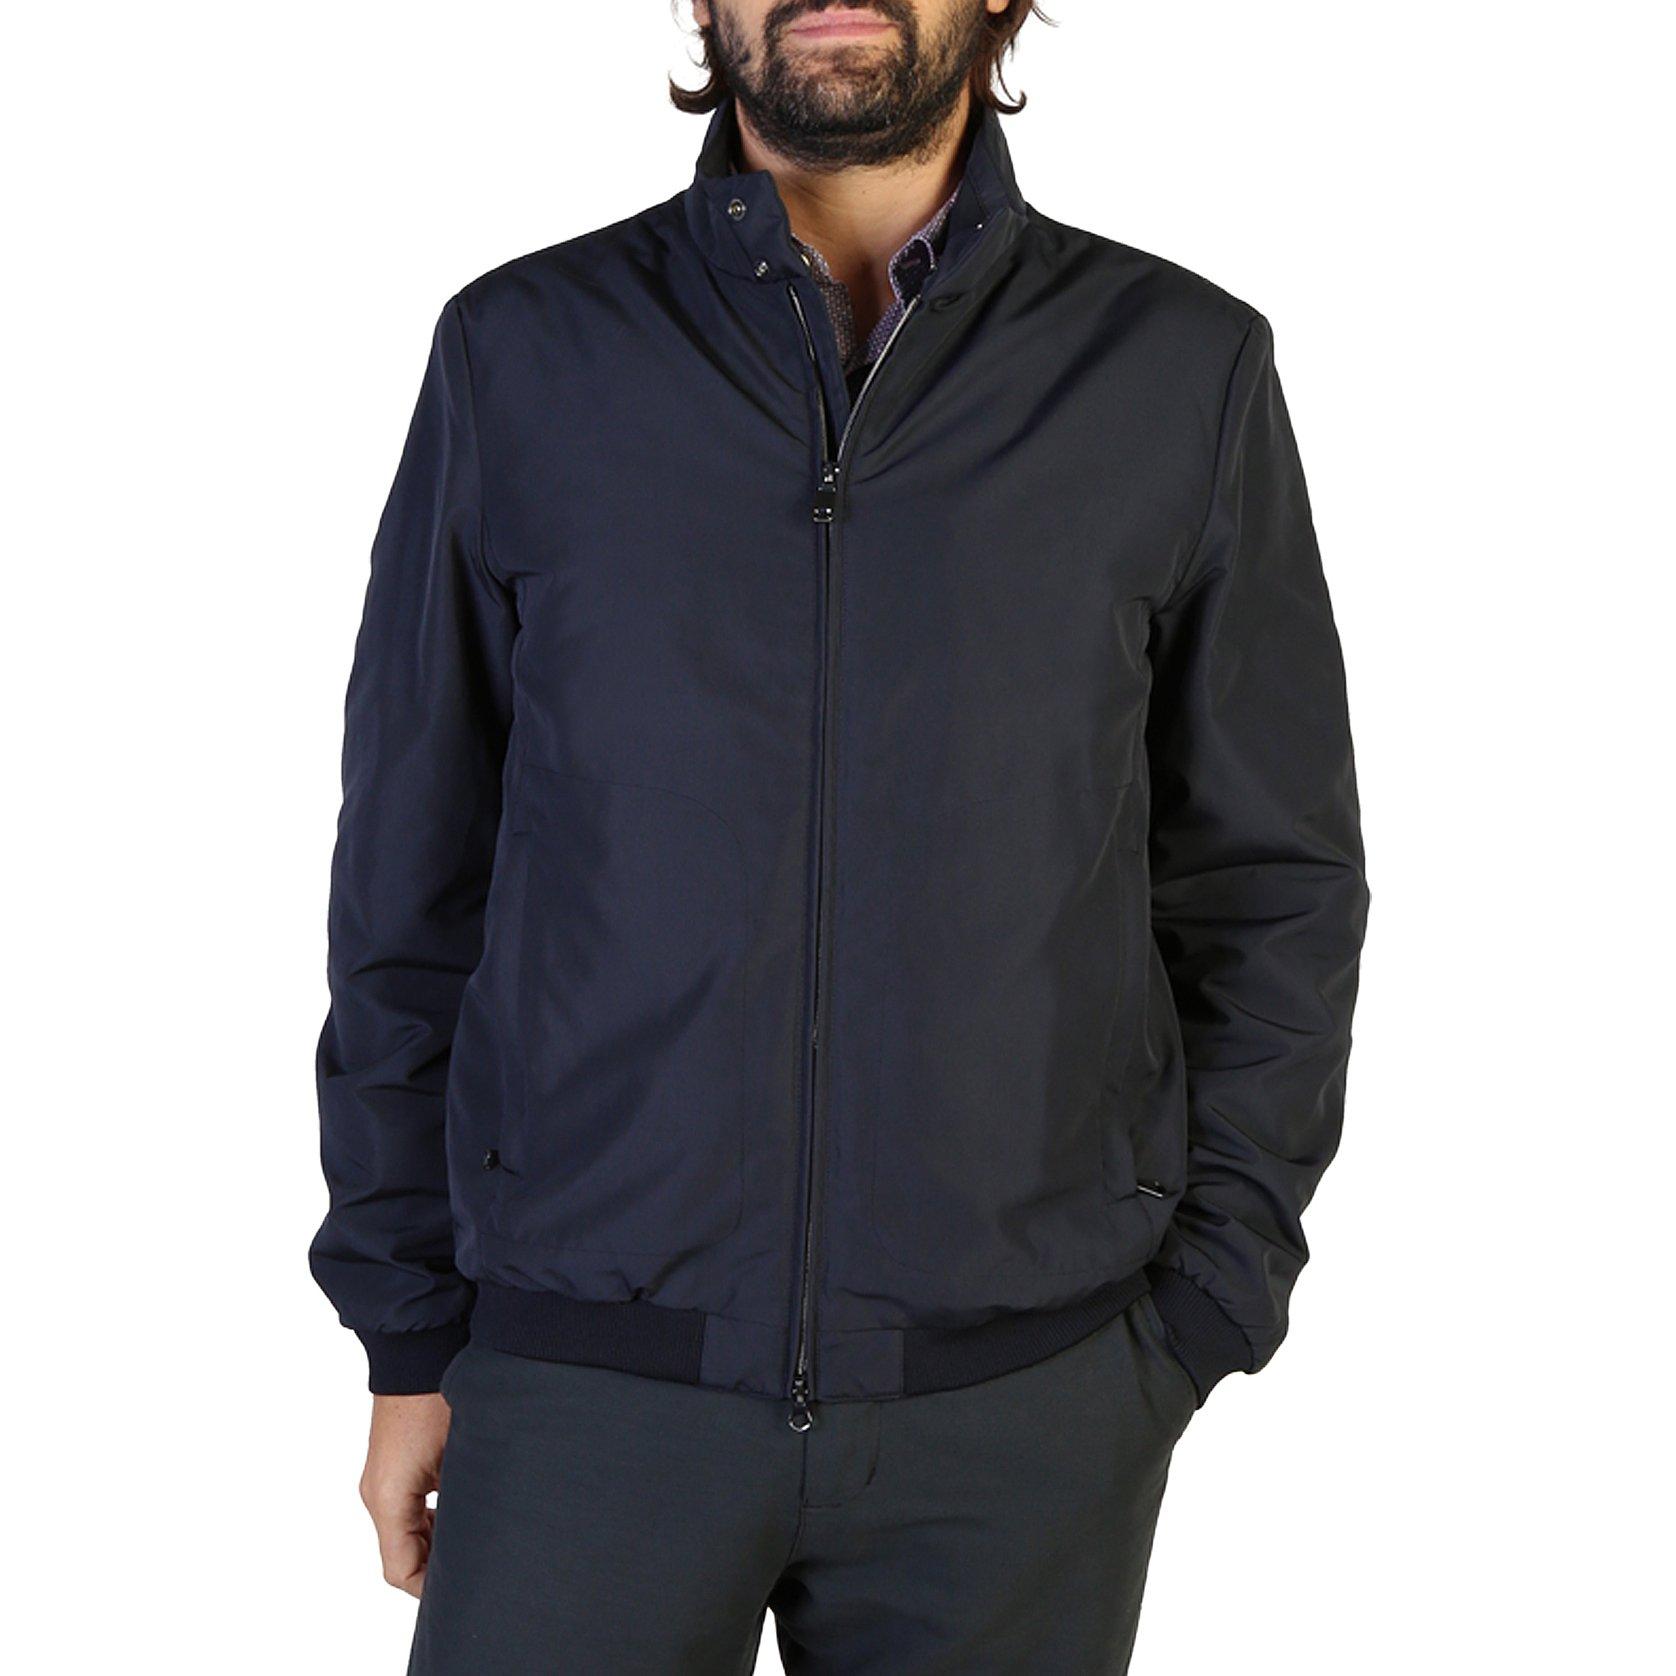 Geox Men's Jacket Blue M8420UT2419 - blue-1 58